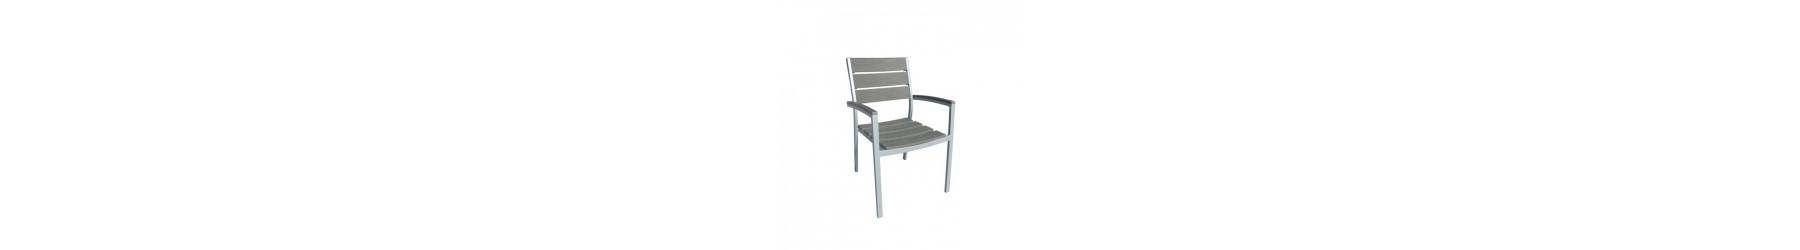 Πολυθρόνες με επιφάνειες Polywood και σκελετό από αλουμίνιο